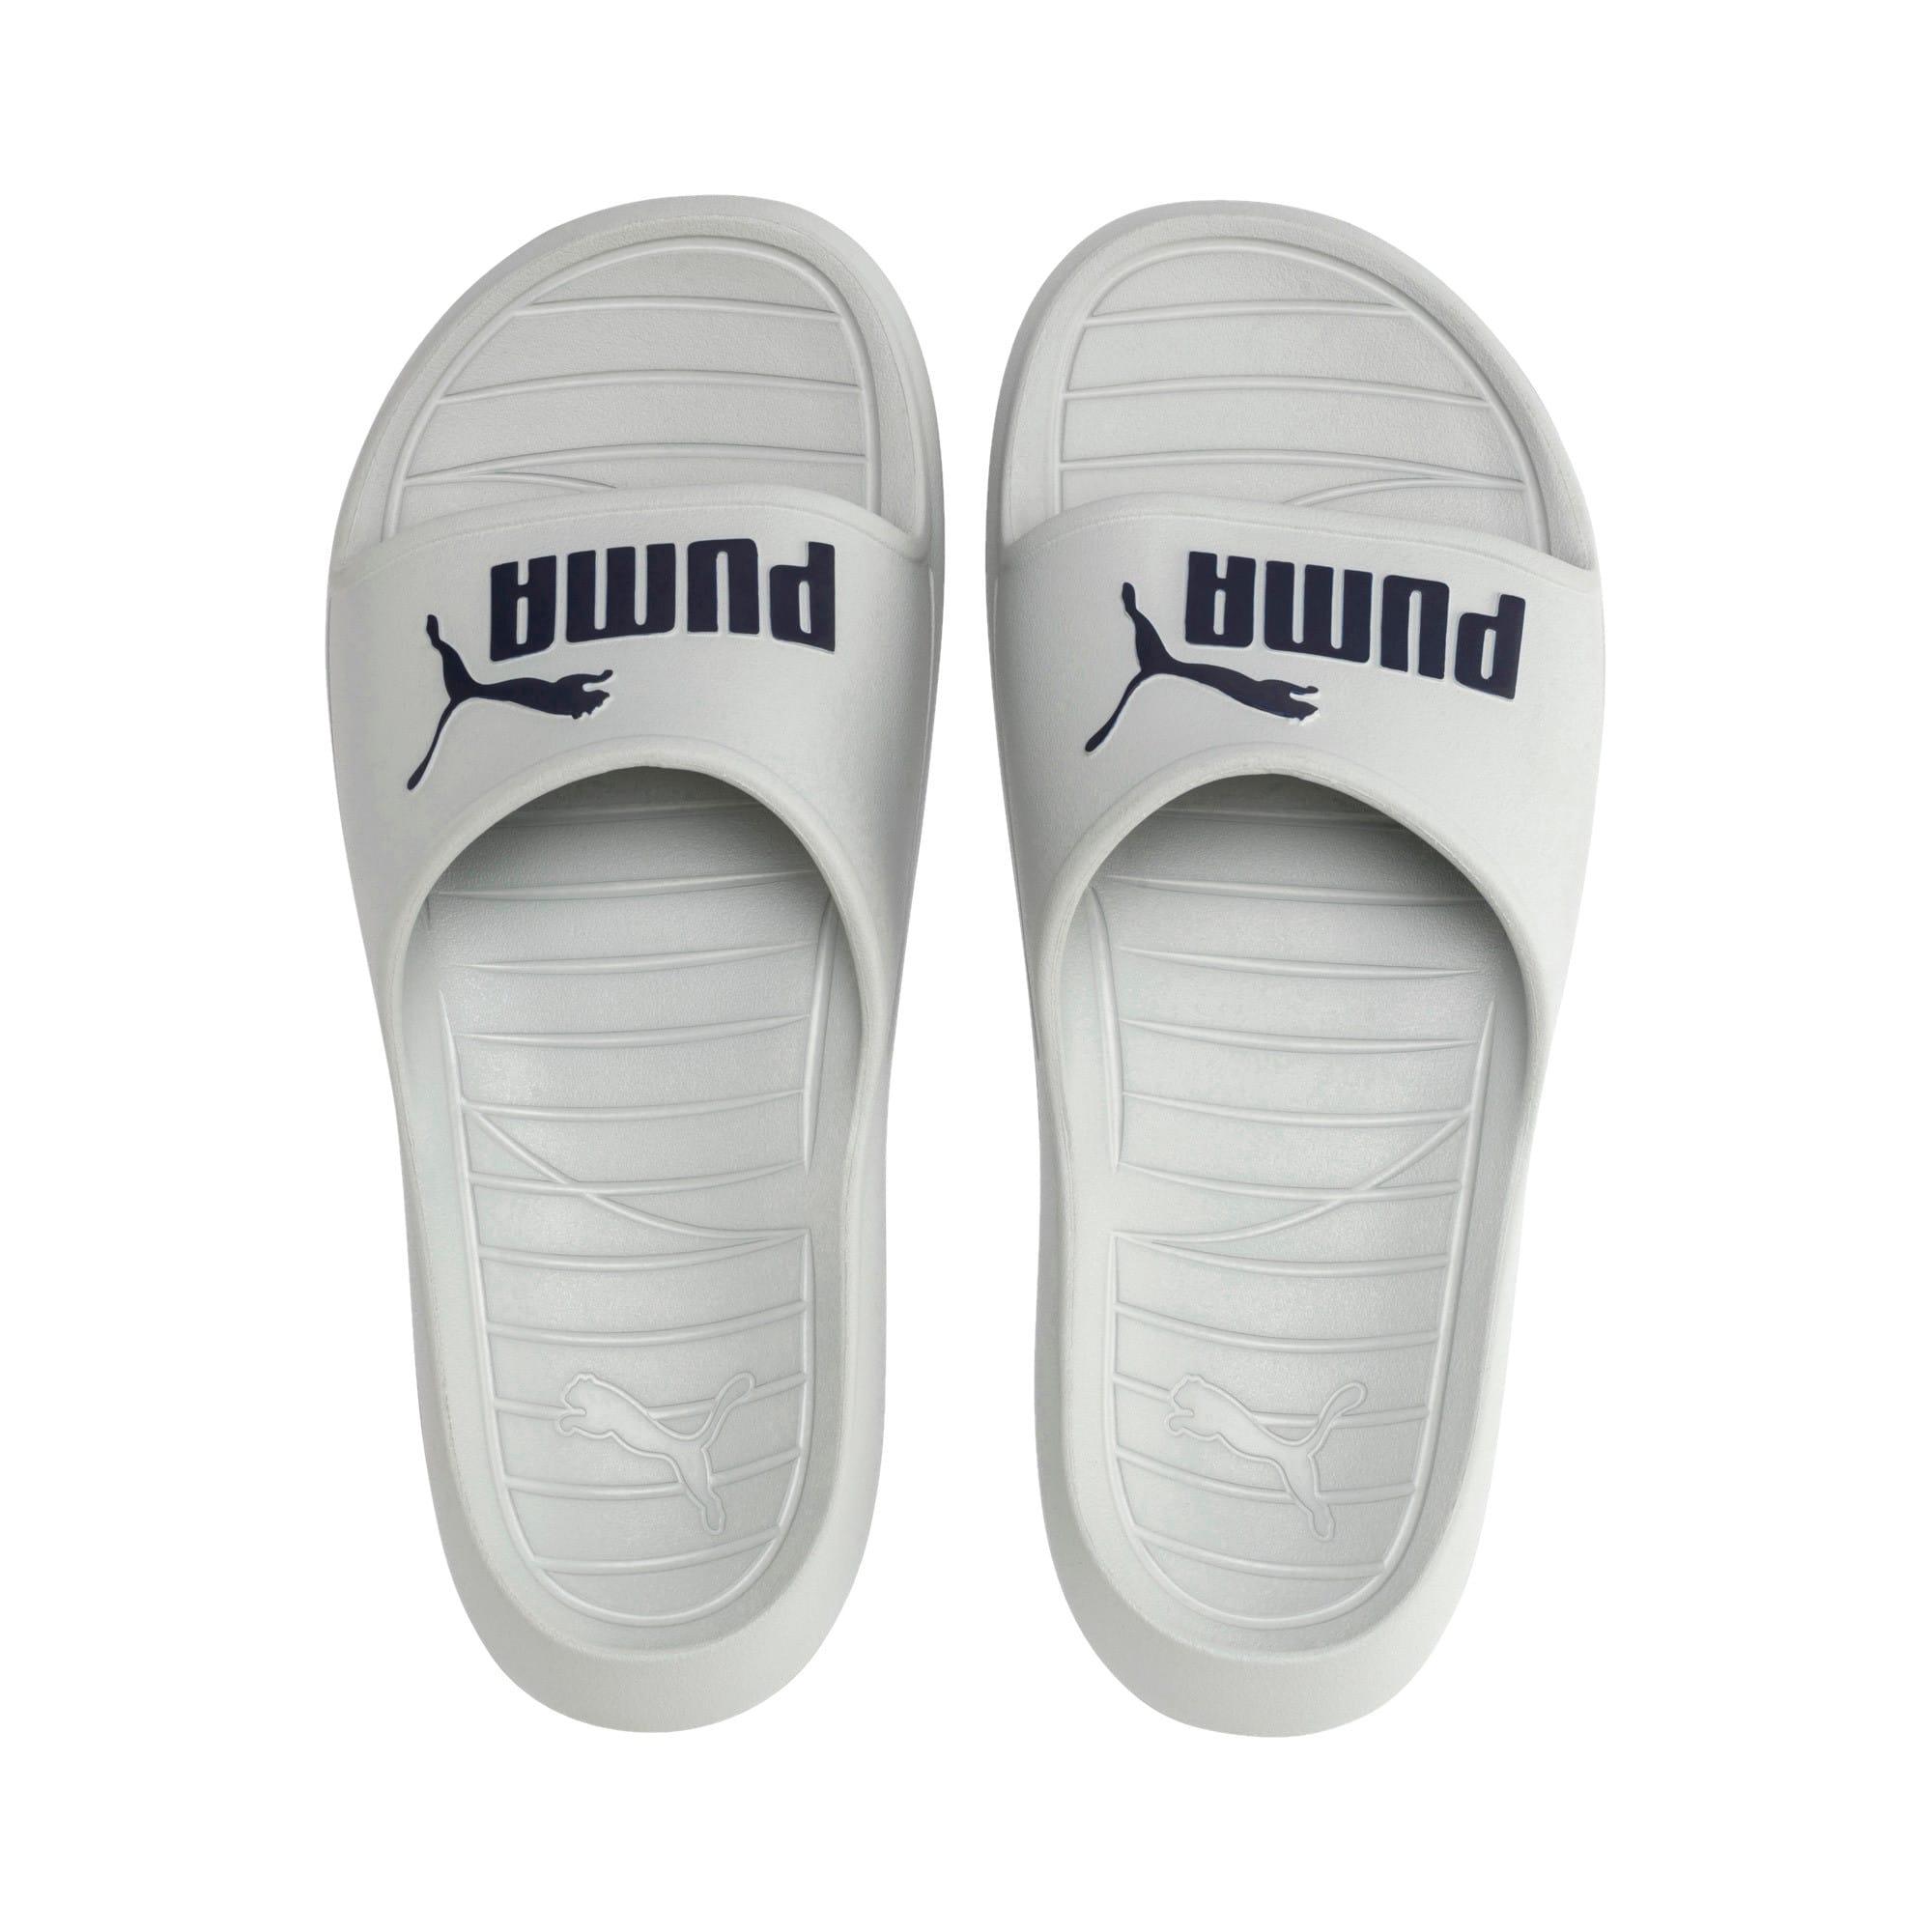 Thumbnail 6 of Divecat v2 Sandals, High Rise-Peacoat, medium-IND